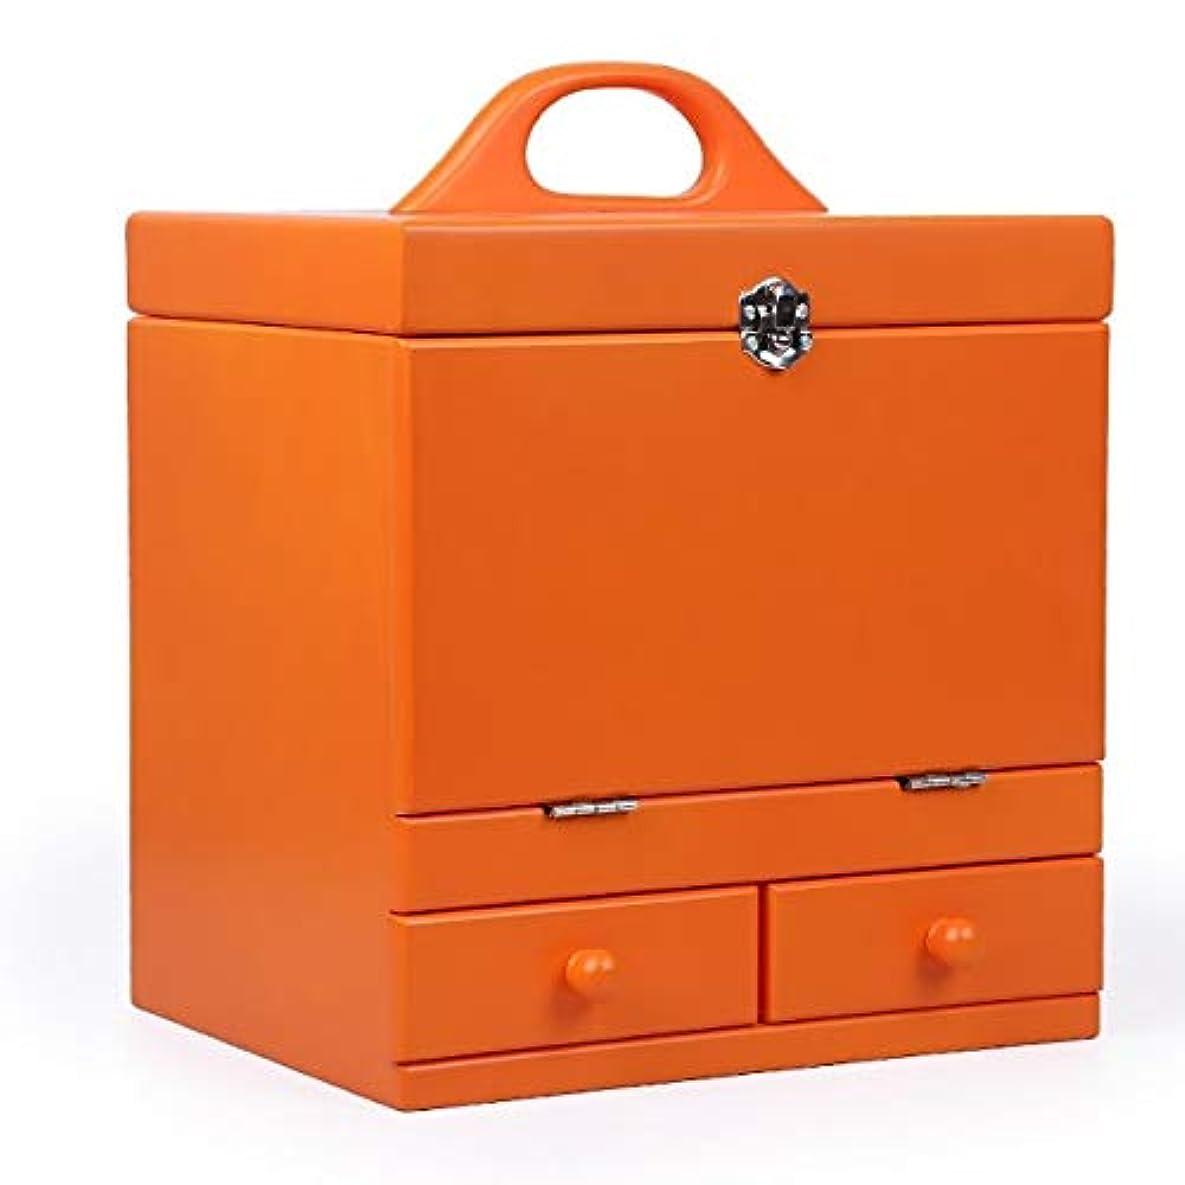 疼痛証明書機関化粧箱、オレンジ二重デッキヴィンテージ木製彫刻化粧品ケース、ミラー、高級ウェディングギフト、新築祝いギフト、美容ネイルジュエリー収納ボックス